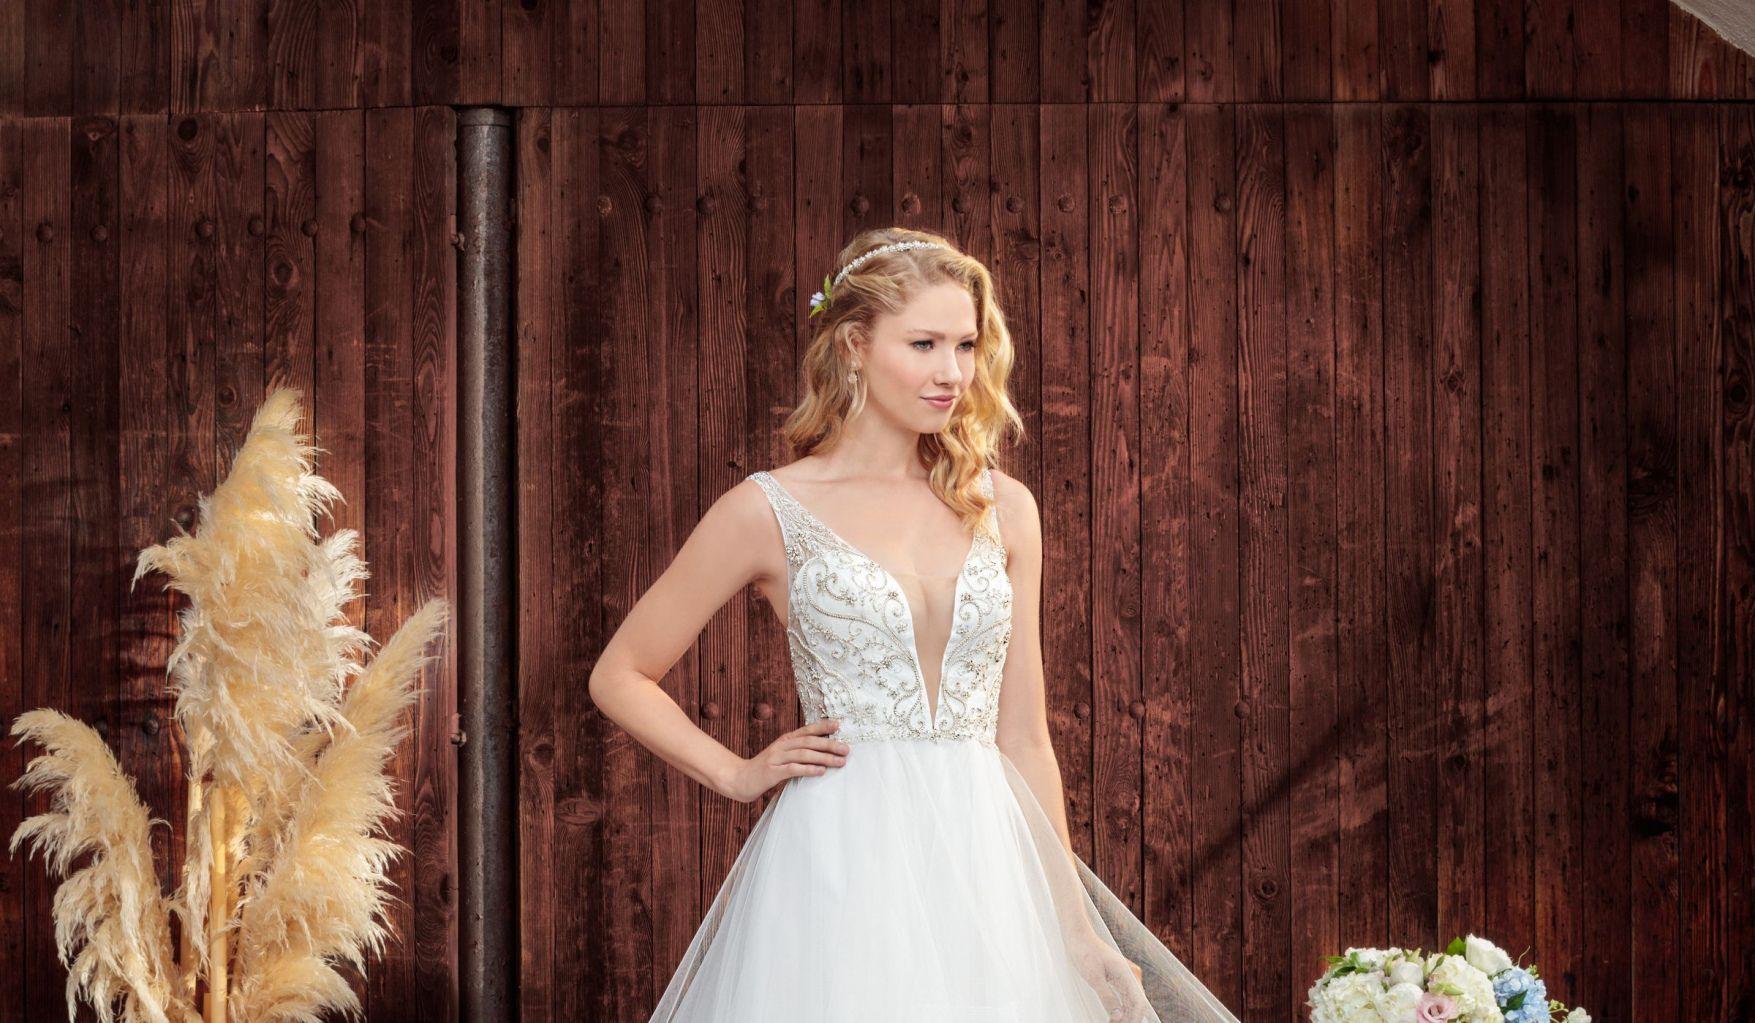 55+ Wedding Dress Rentals orlando Fl - Best